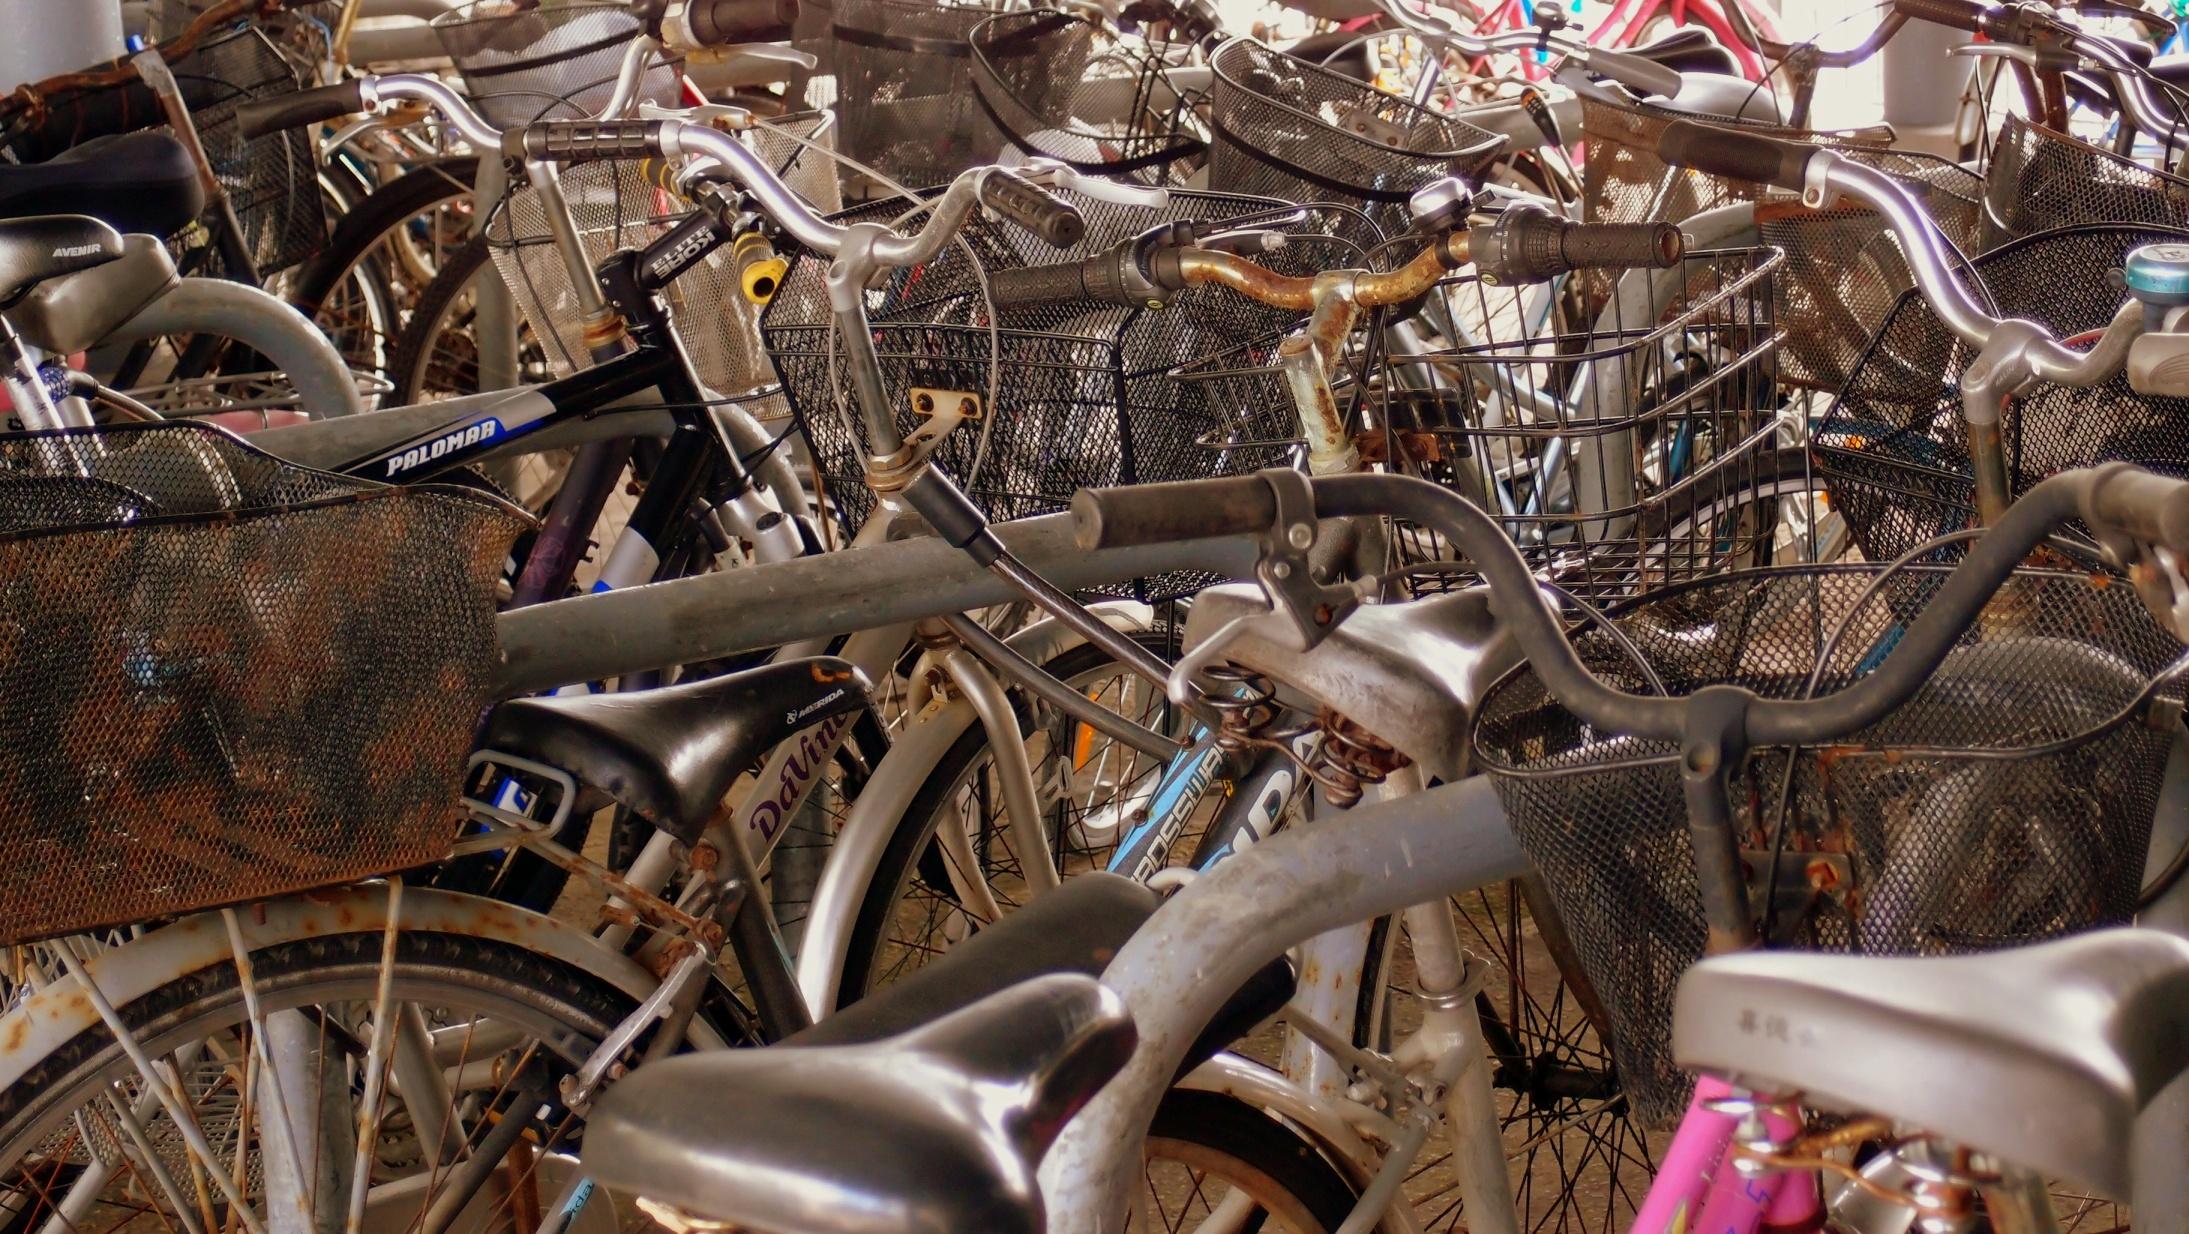 Bike lot at Mui Wo on Lantau